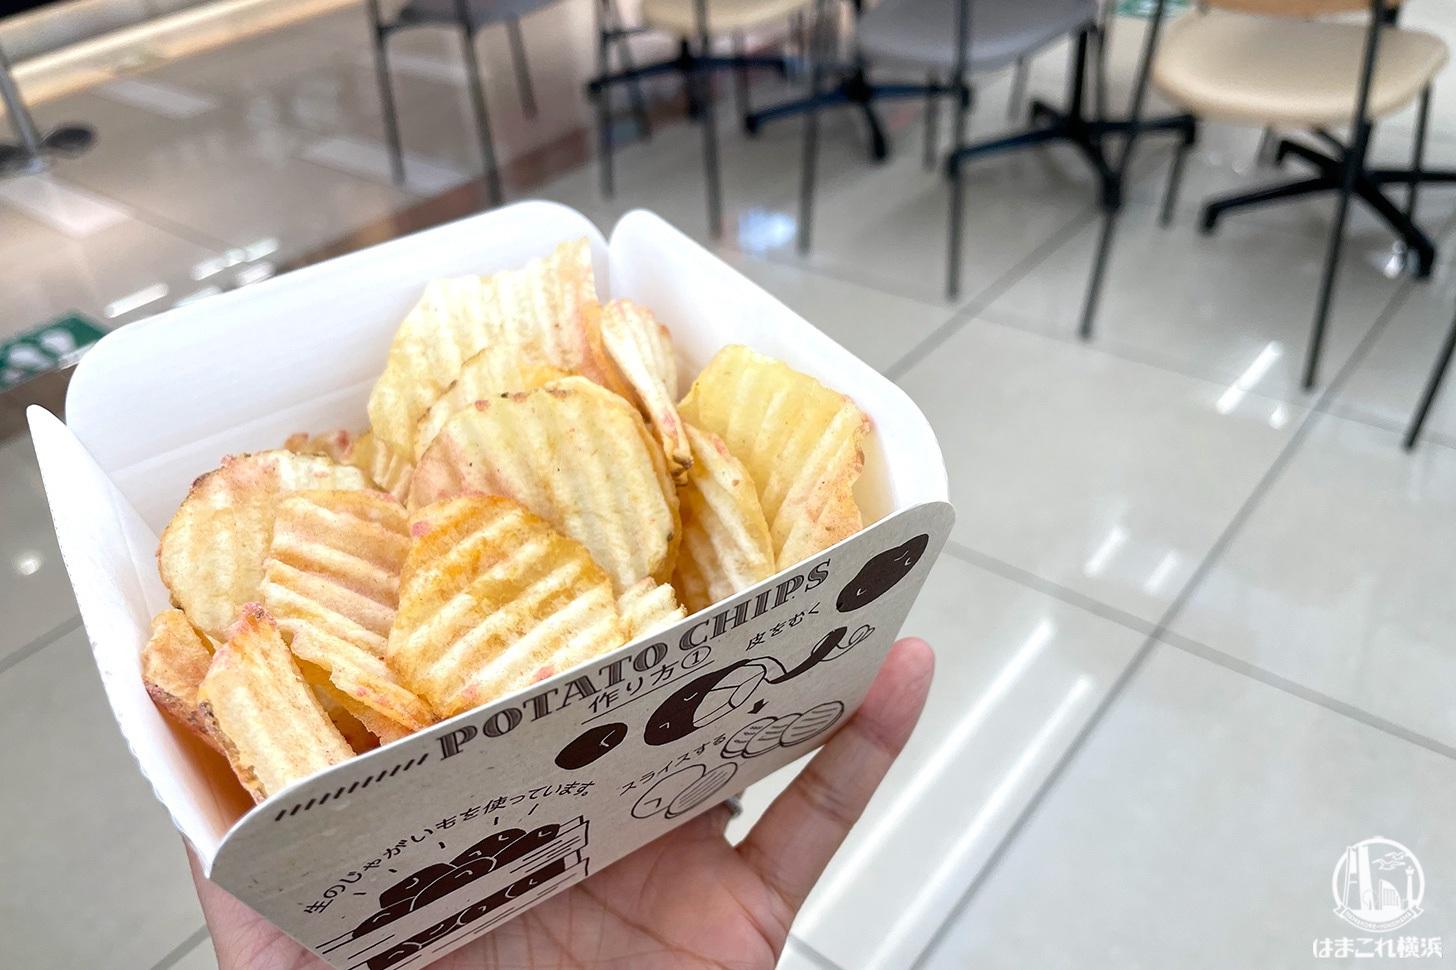 カルビーキッチン海老名SA店で焼きたてポテチ・店舗限定桜えび塩食べてみた!